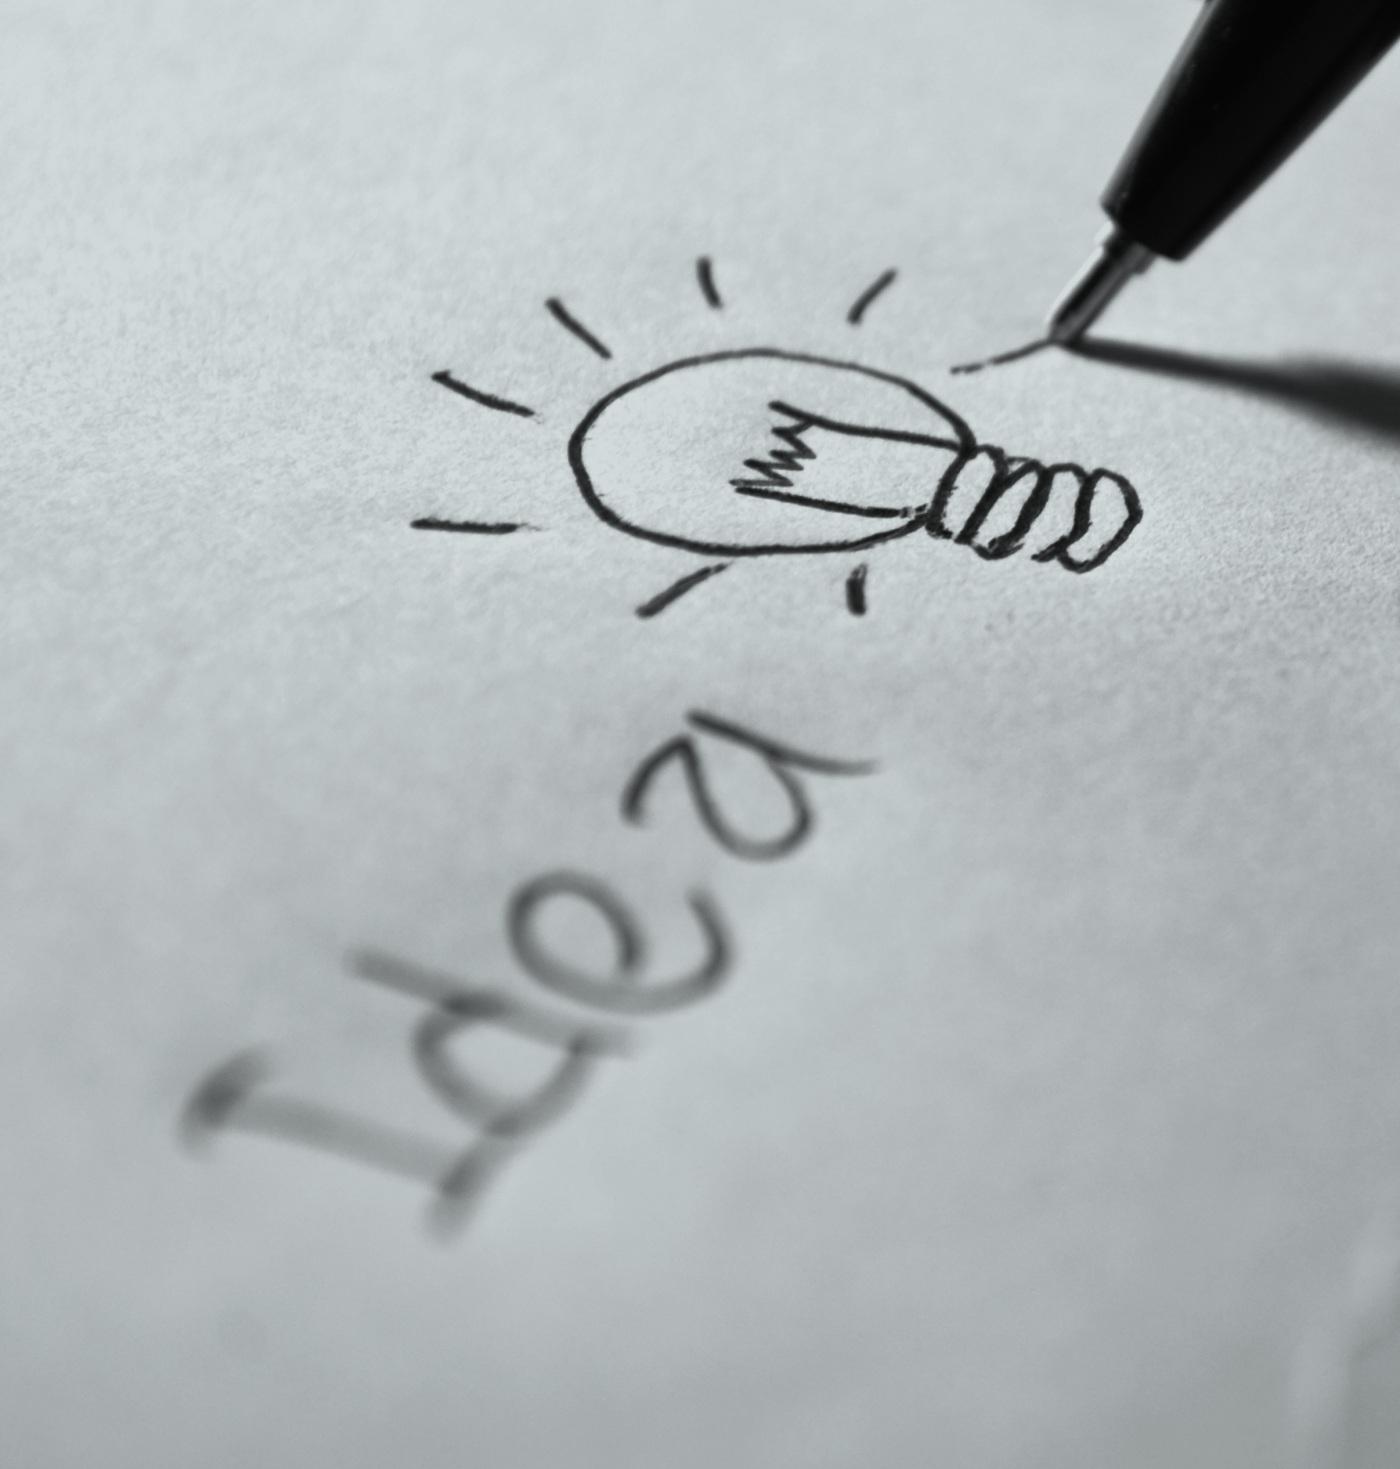 La importancia de una buena redacción en el ámbito empresarial ...